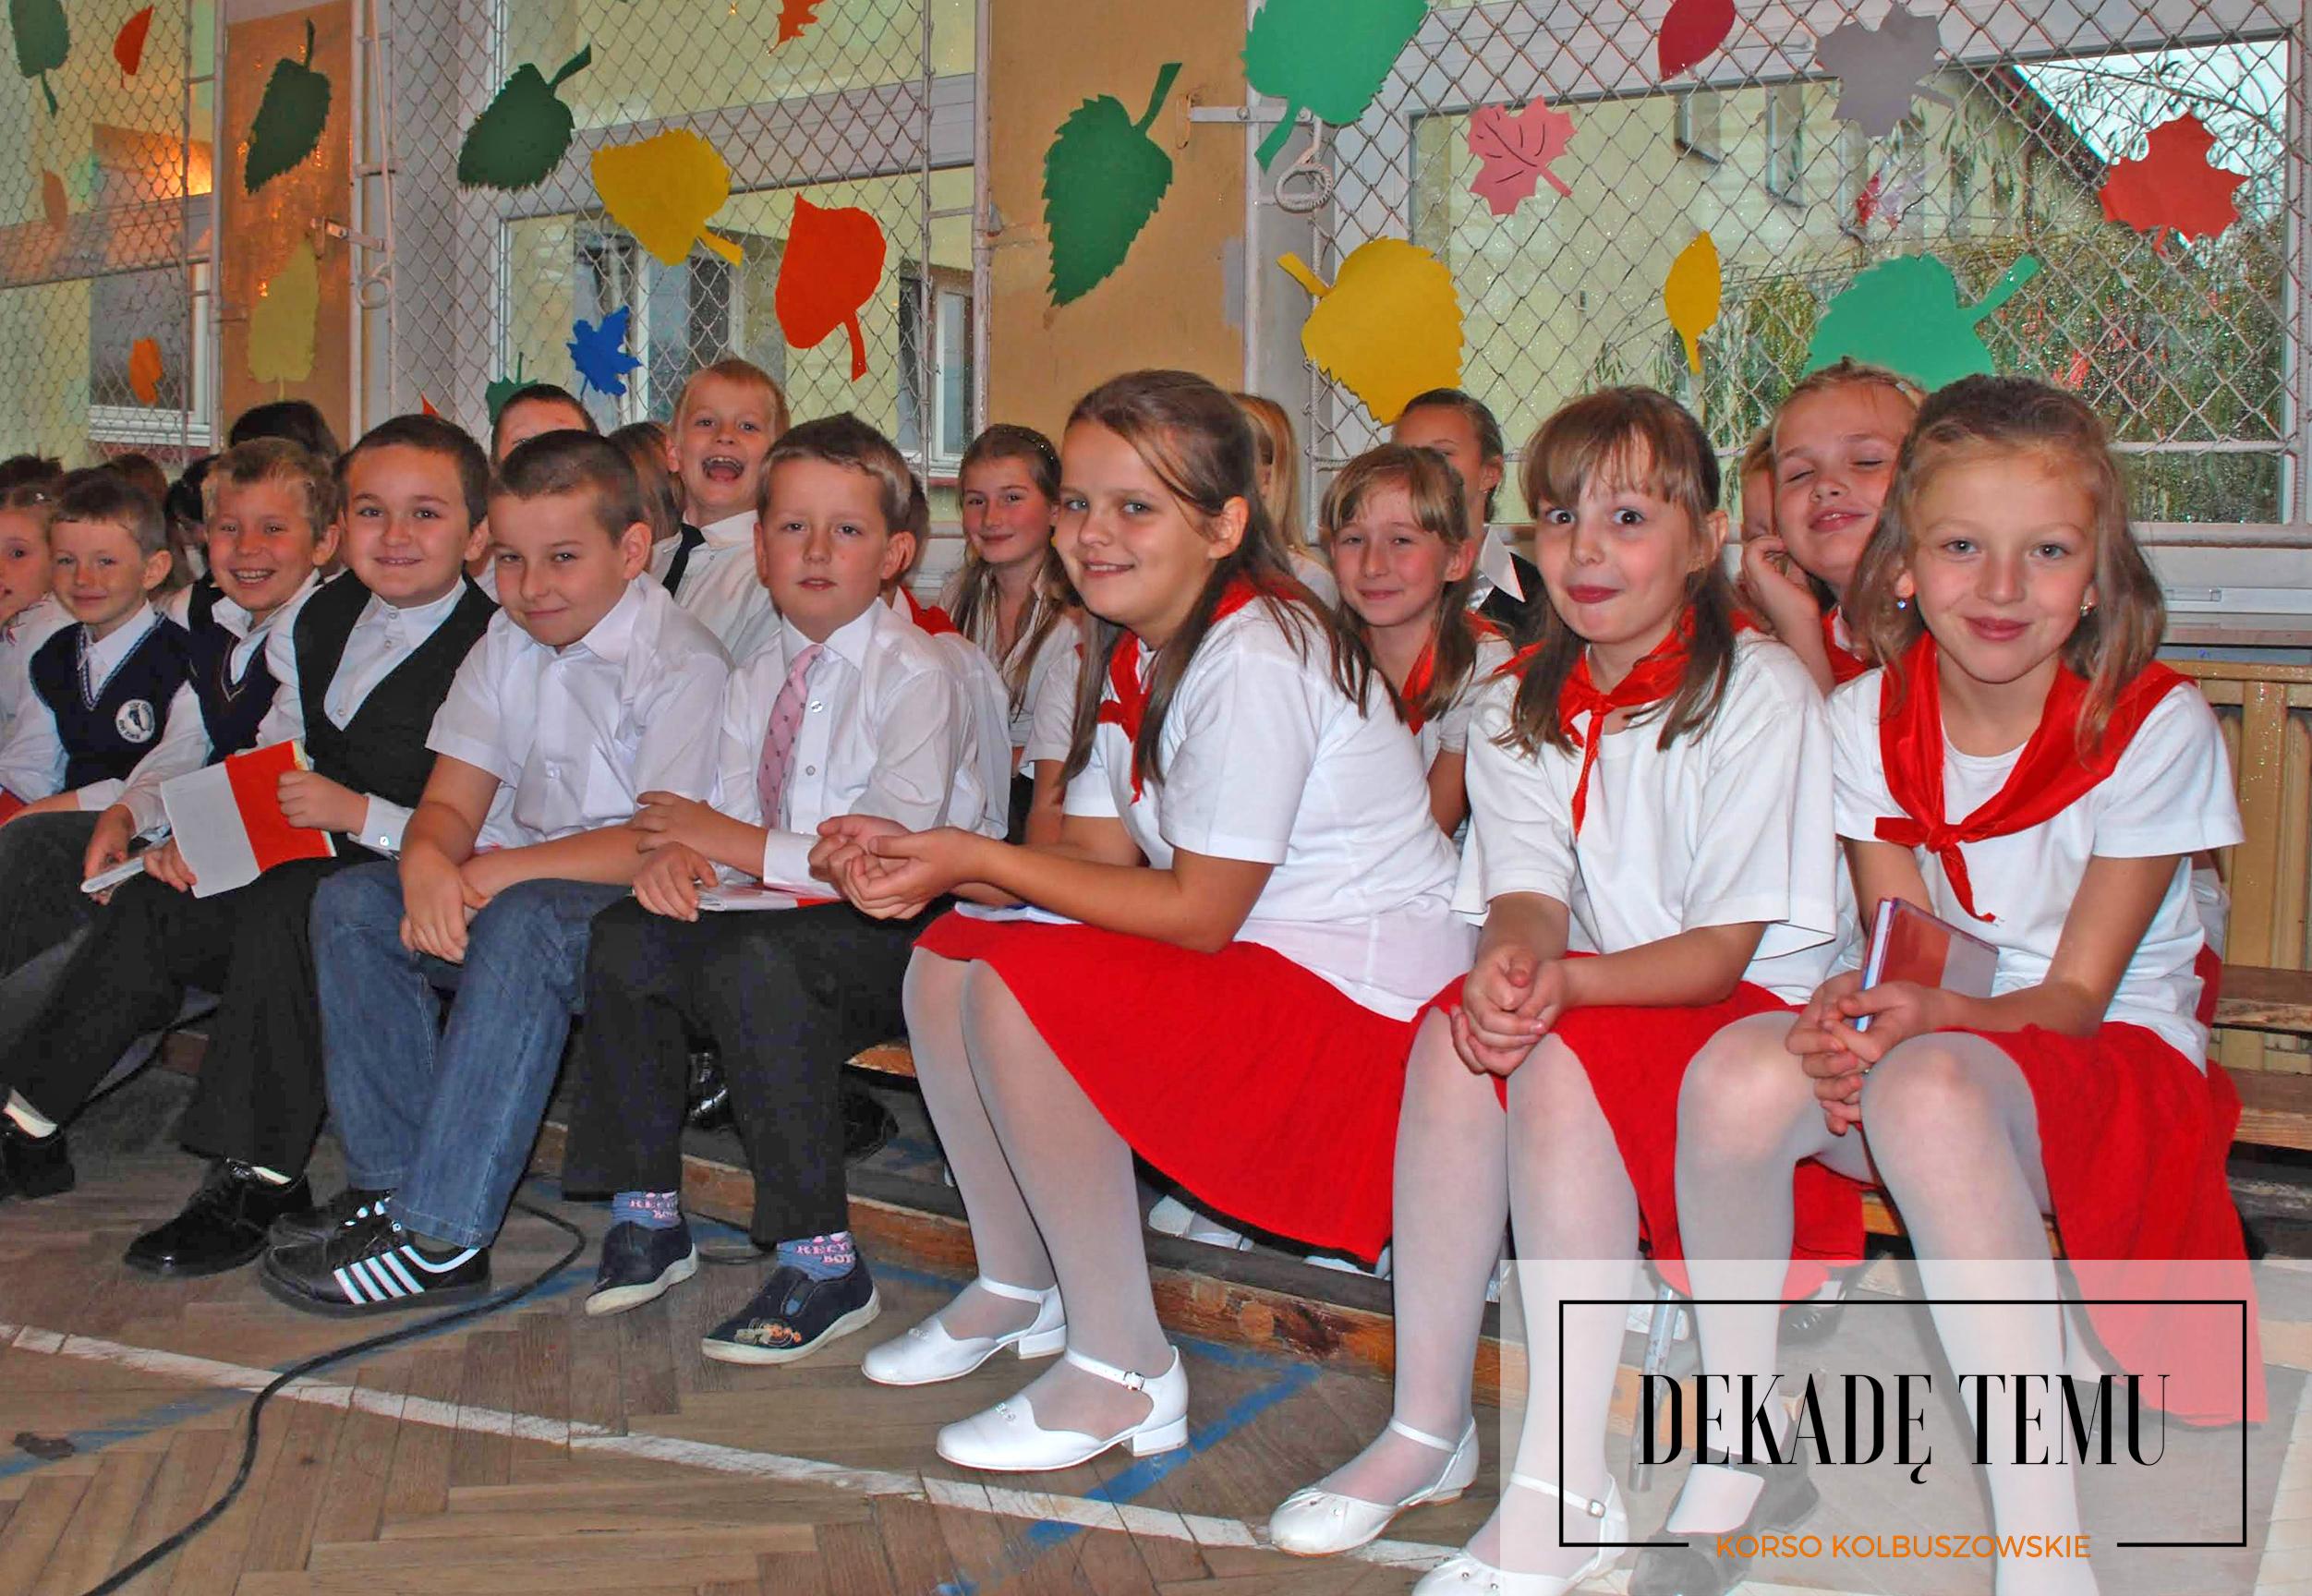 DEKADĘ TEMU. Listopadowe obchody w Majdanie Królewskim  ZDJĘCIA  - Zdjęcie główne